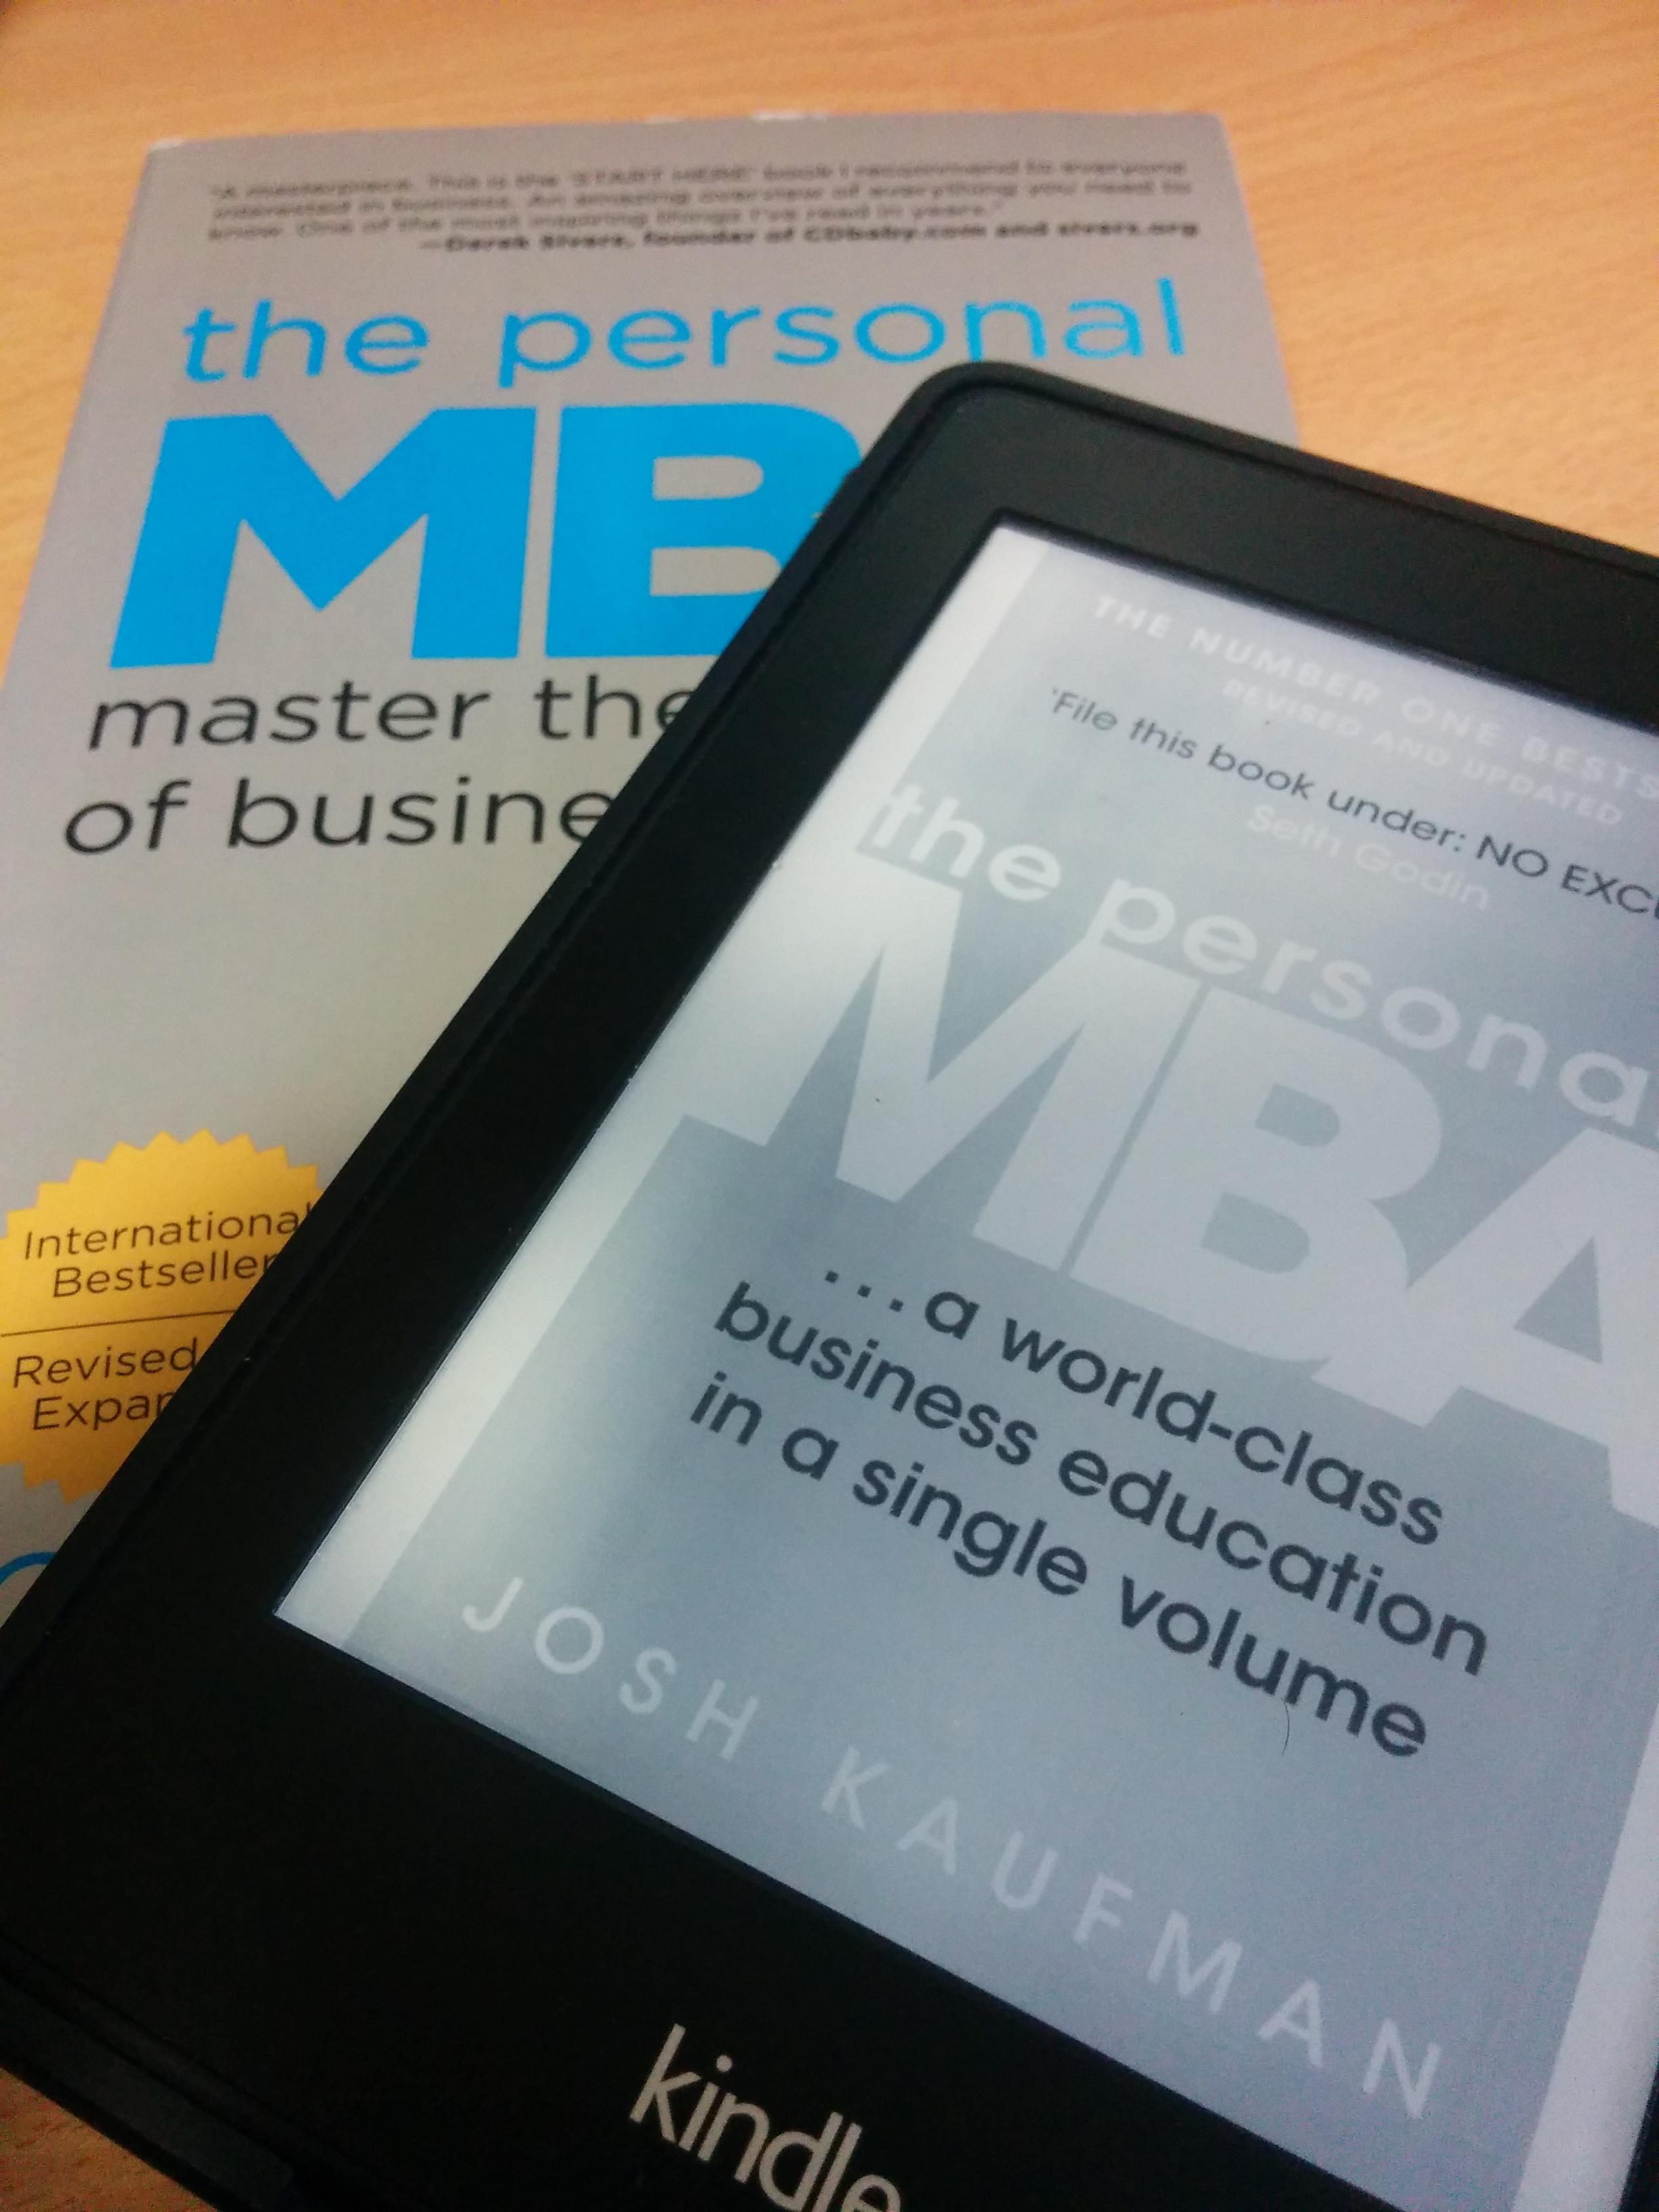 Le personal MBA : liste des meilleurs livres de business